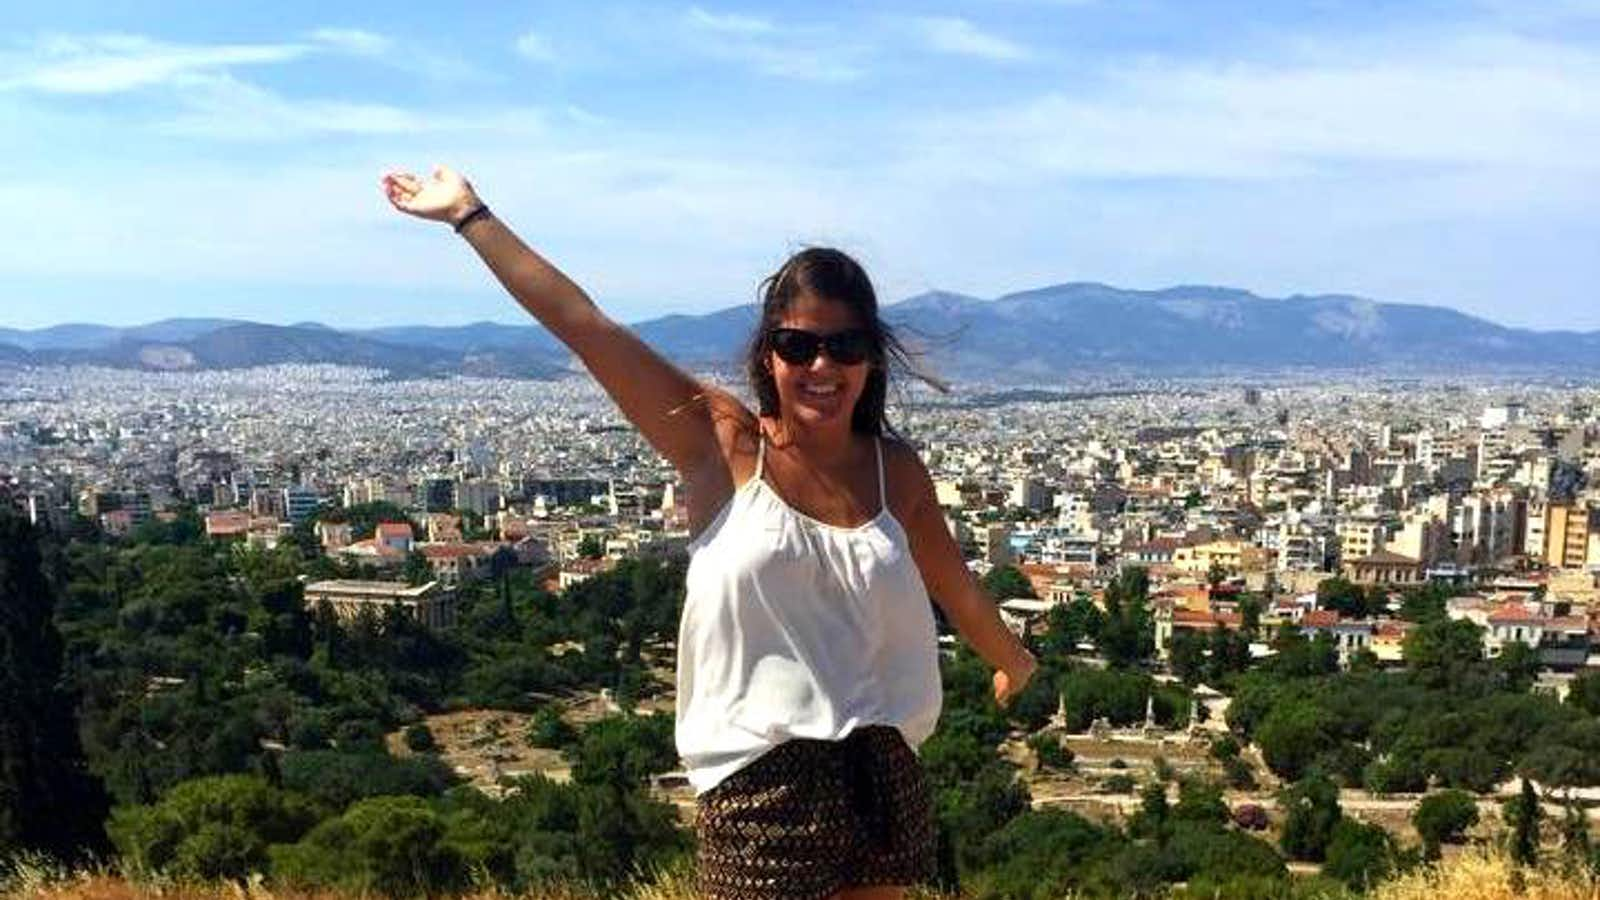 Exploring the Parthenon